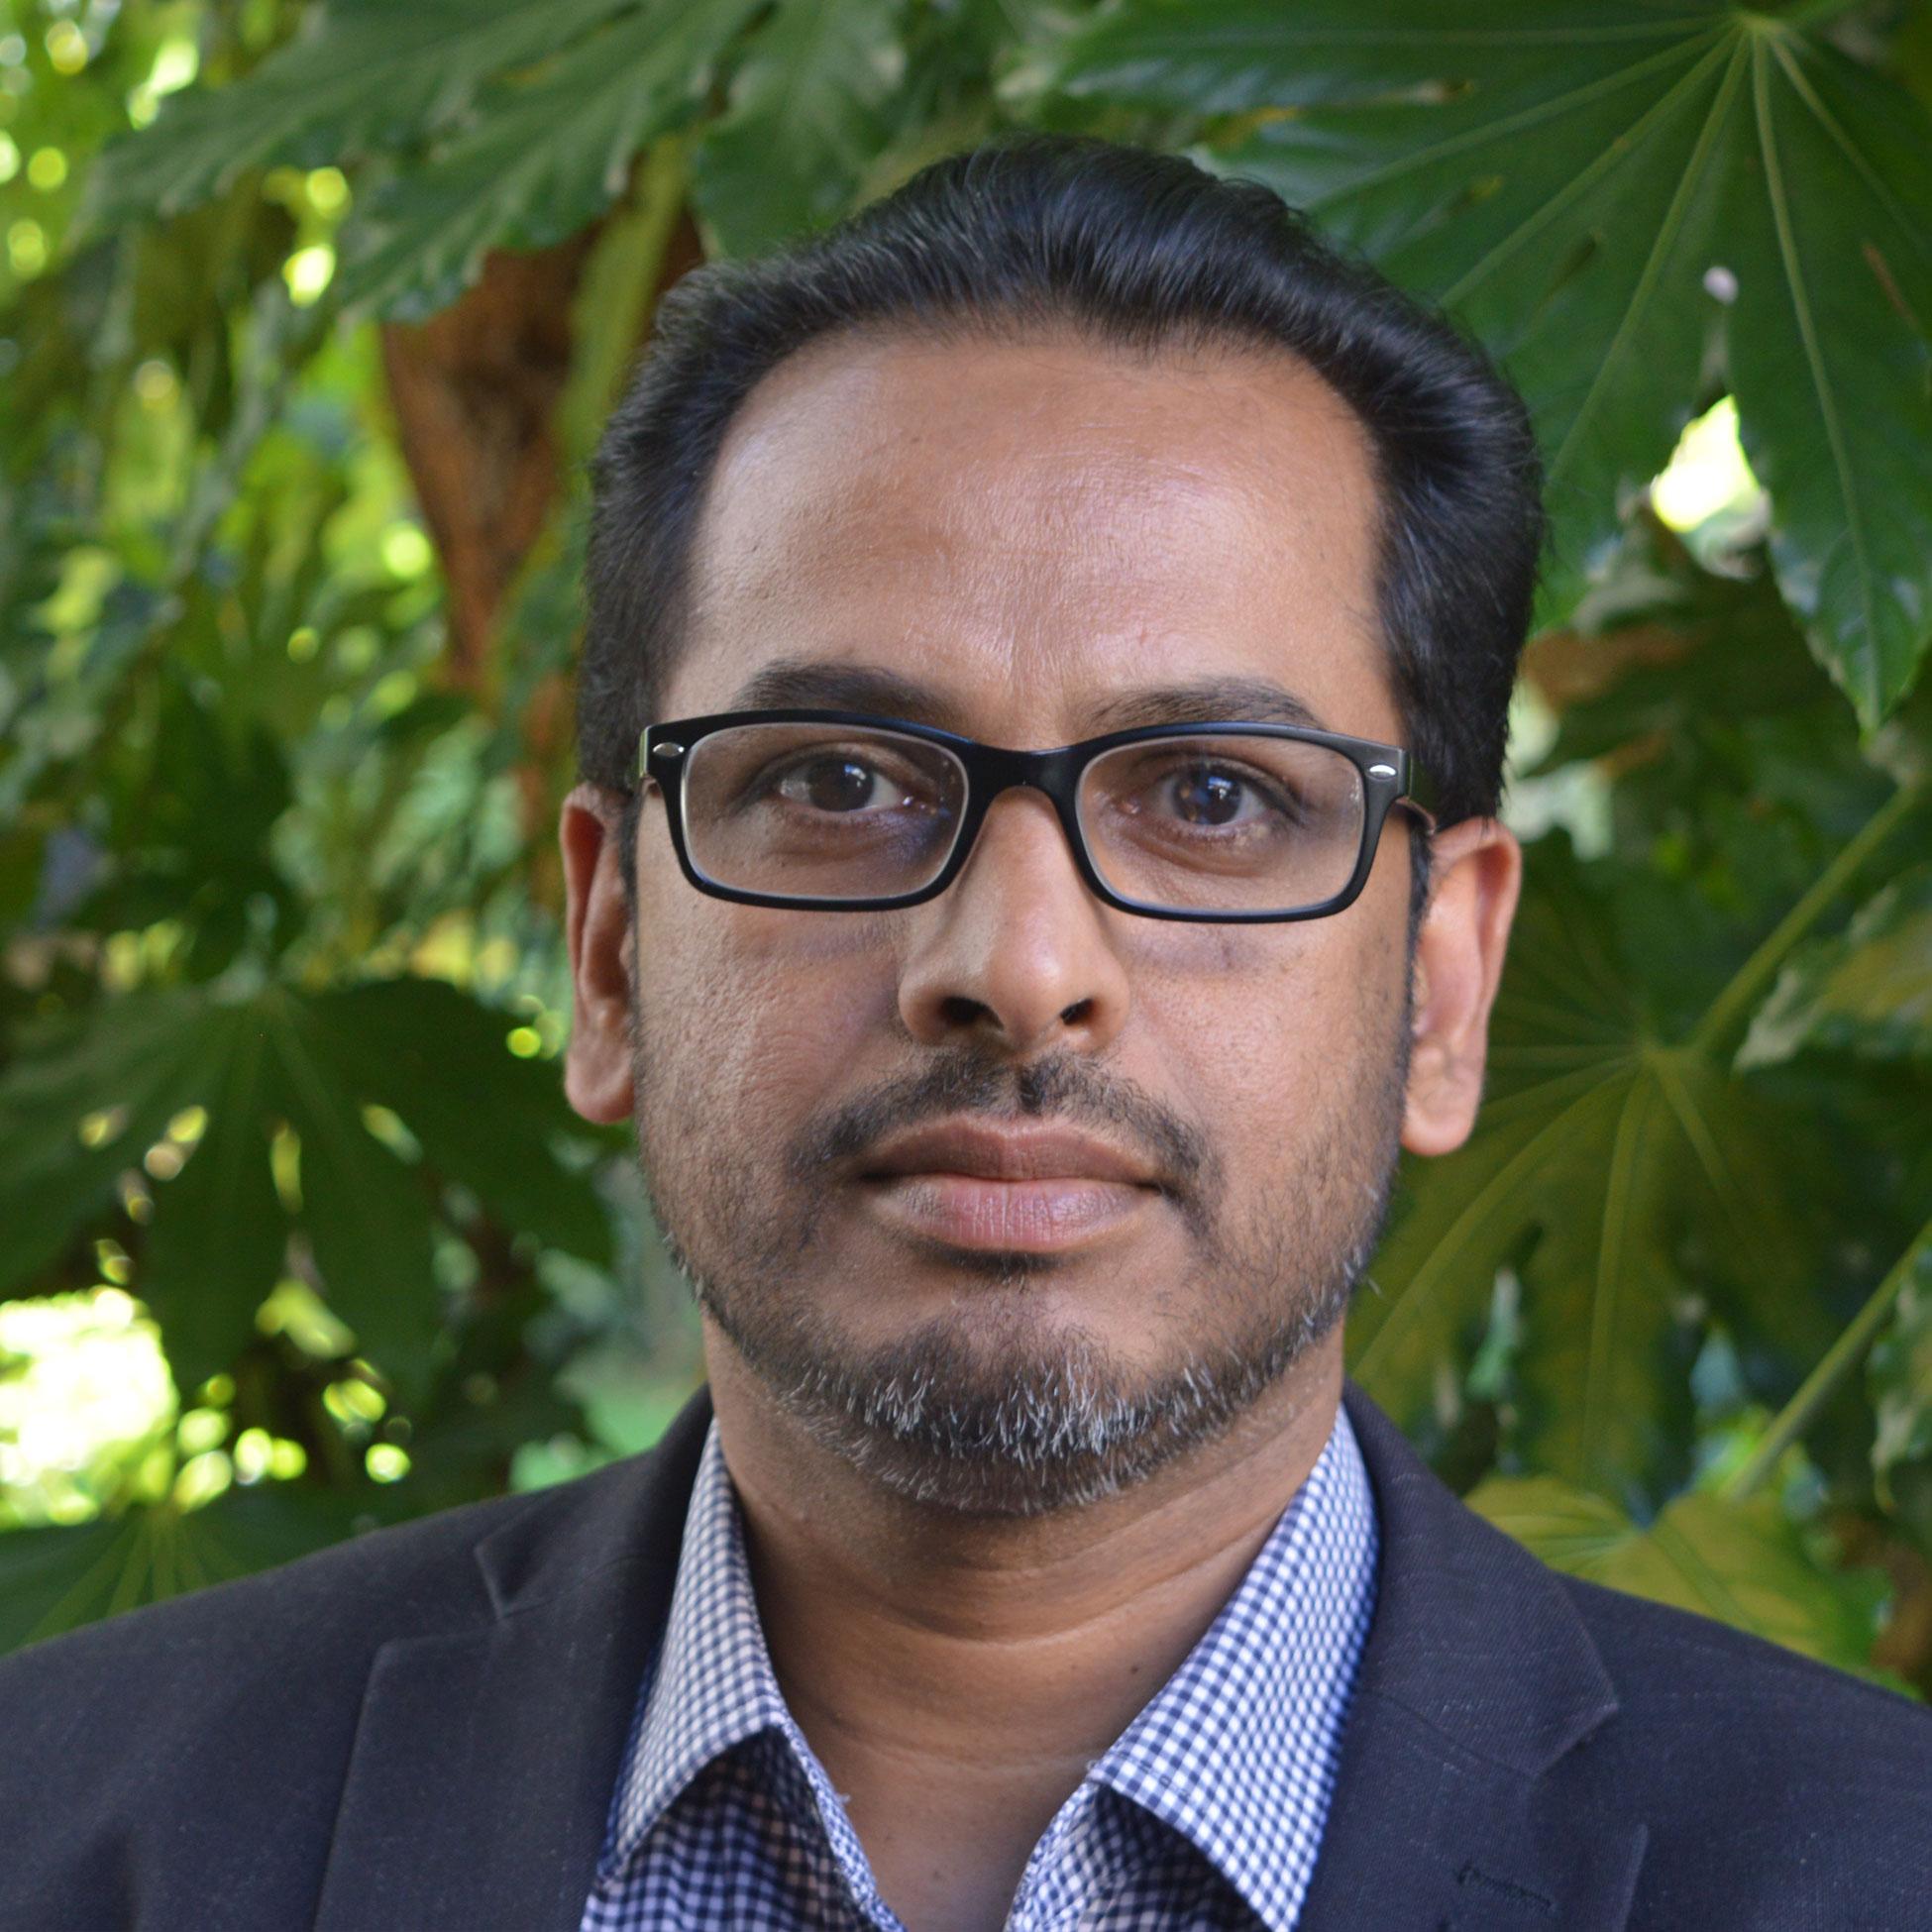 Mohammed Abbas Uz-Zaman